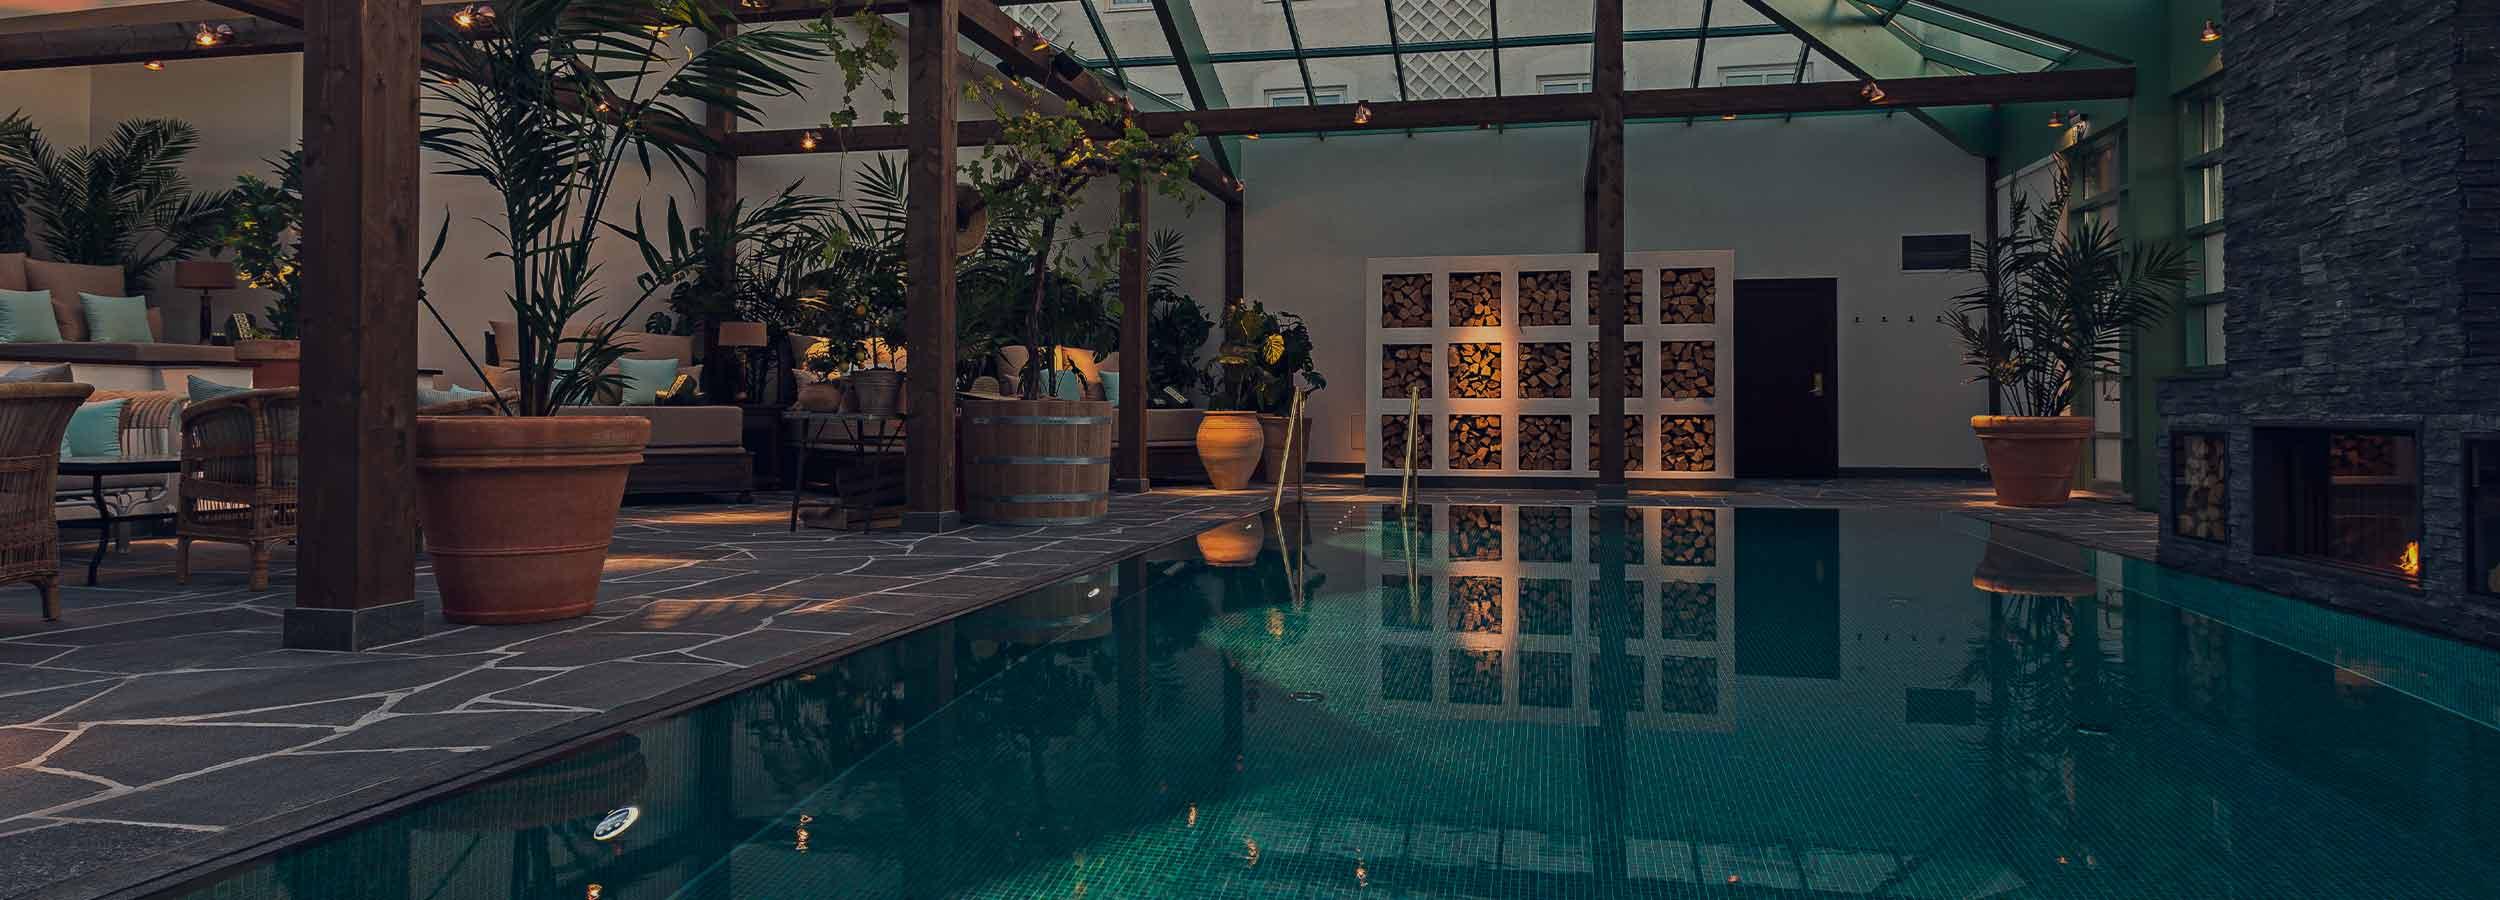 Jada spapaket med poolen till ditt förfogande på Falkenberg Strandbad